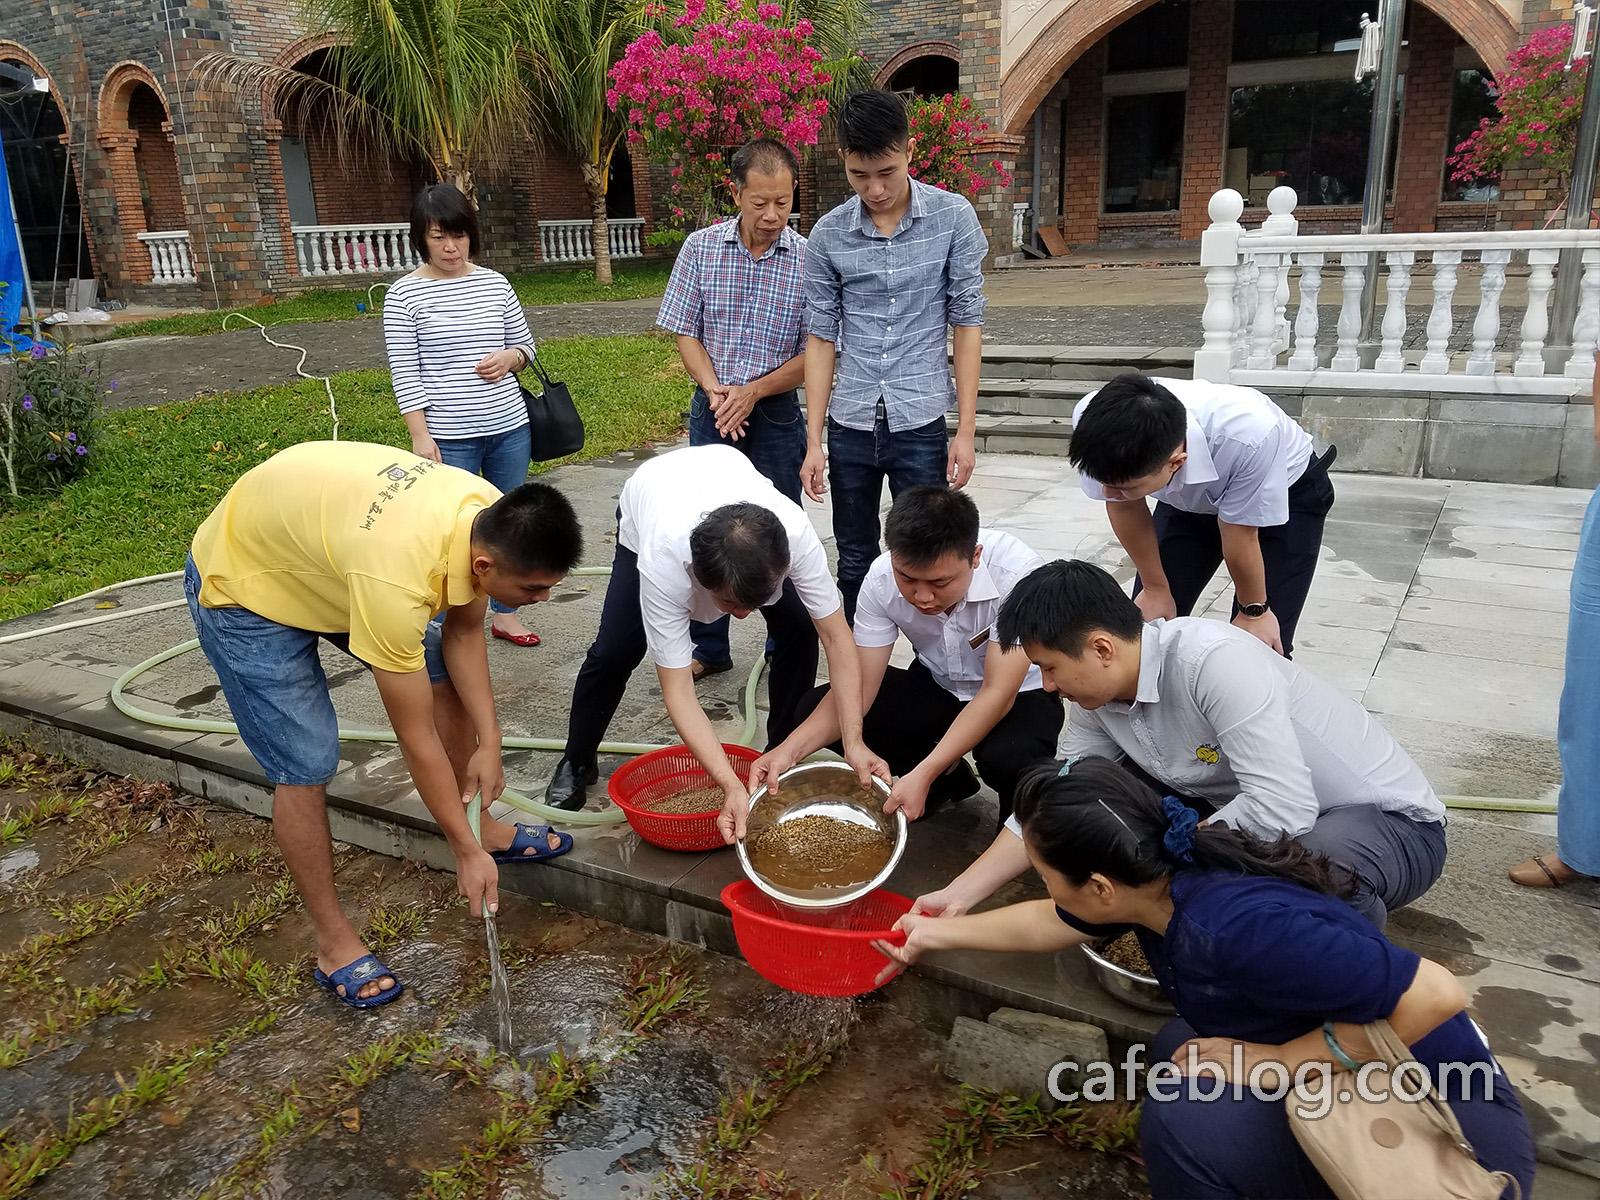 尝试日本烘焙师们的洗咖啡生豆方法和洗豆后的干燥方法以及洗豆后的烘焙方法